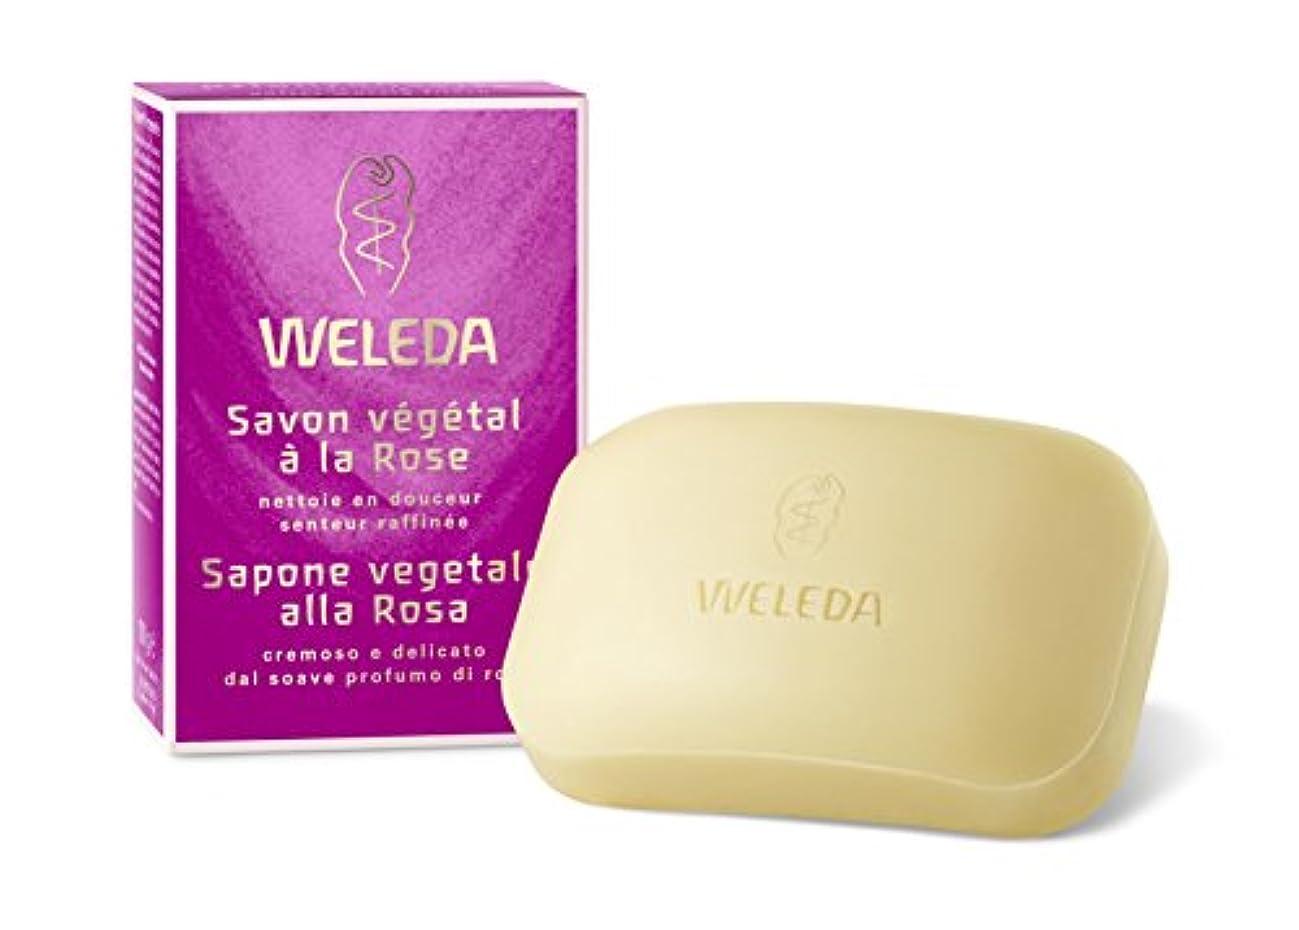 免除シャッタータイマーWELEDA(ヴェレダ) ローズ ソープ 石鹸 みずみずしいローズの香り 100g